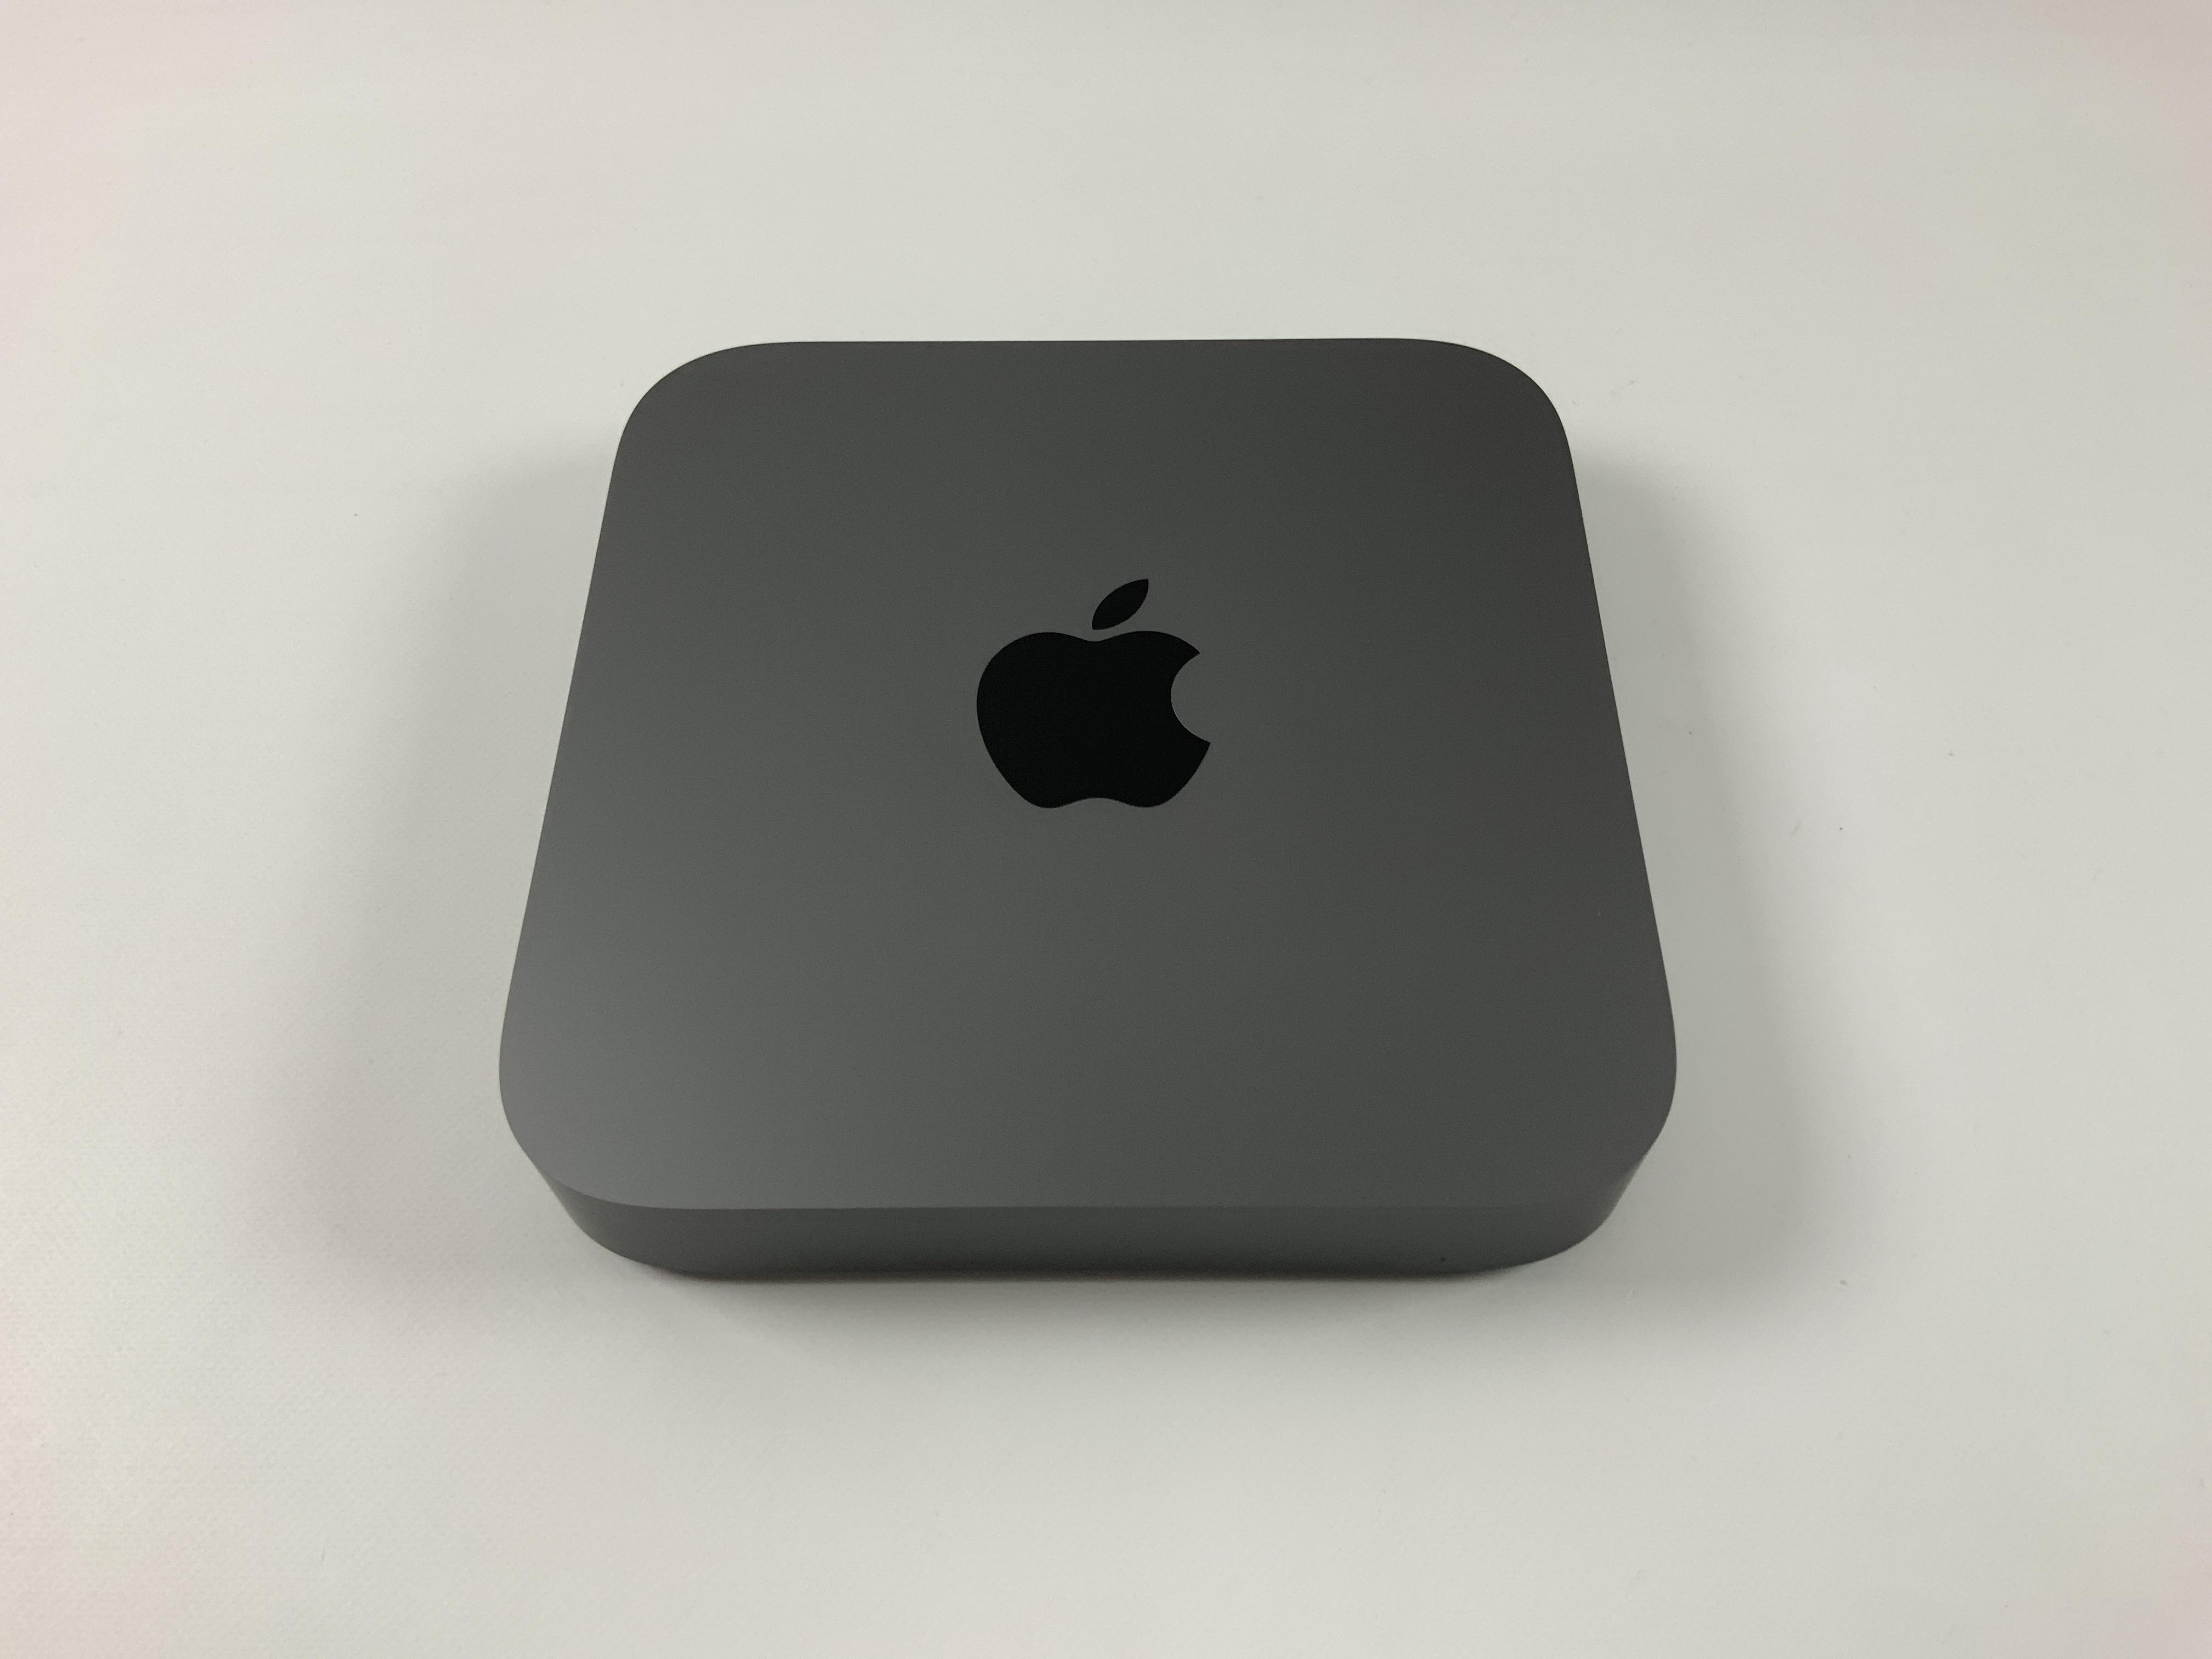 Mac Mini Early 2020 (Intel 6-Core i5 3.0 GHz 64 GB RAM 256 GB SSD), Intel 6-Core i5 3.0 GHz, 64 GB RAM, 256 GB SSD, bild 1